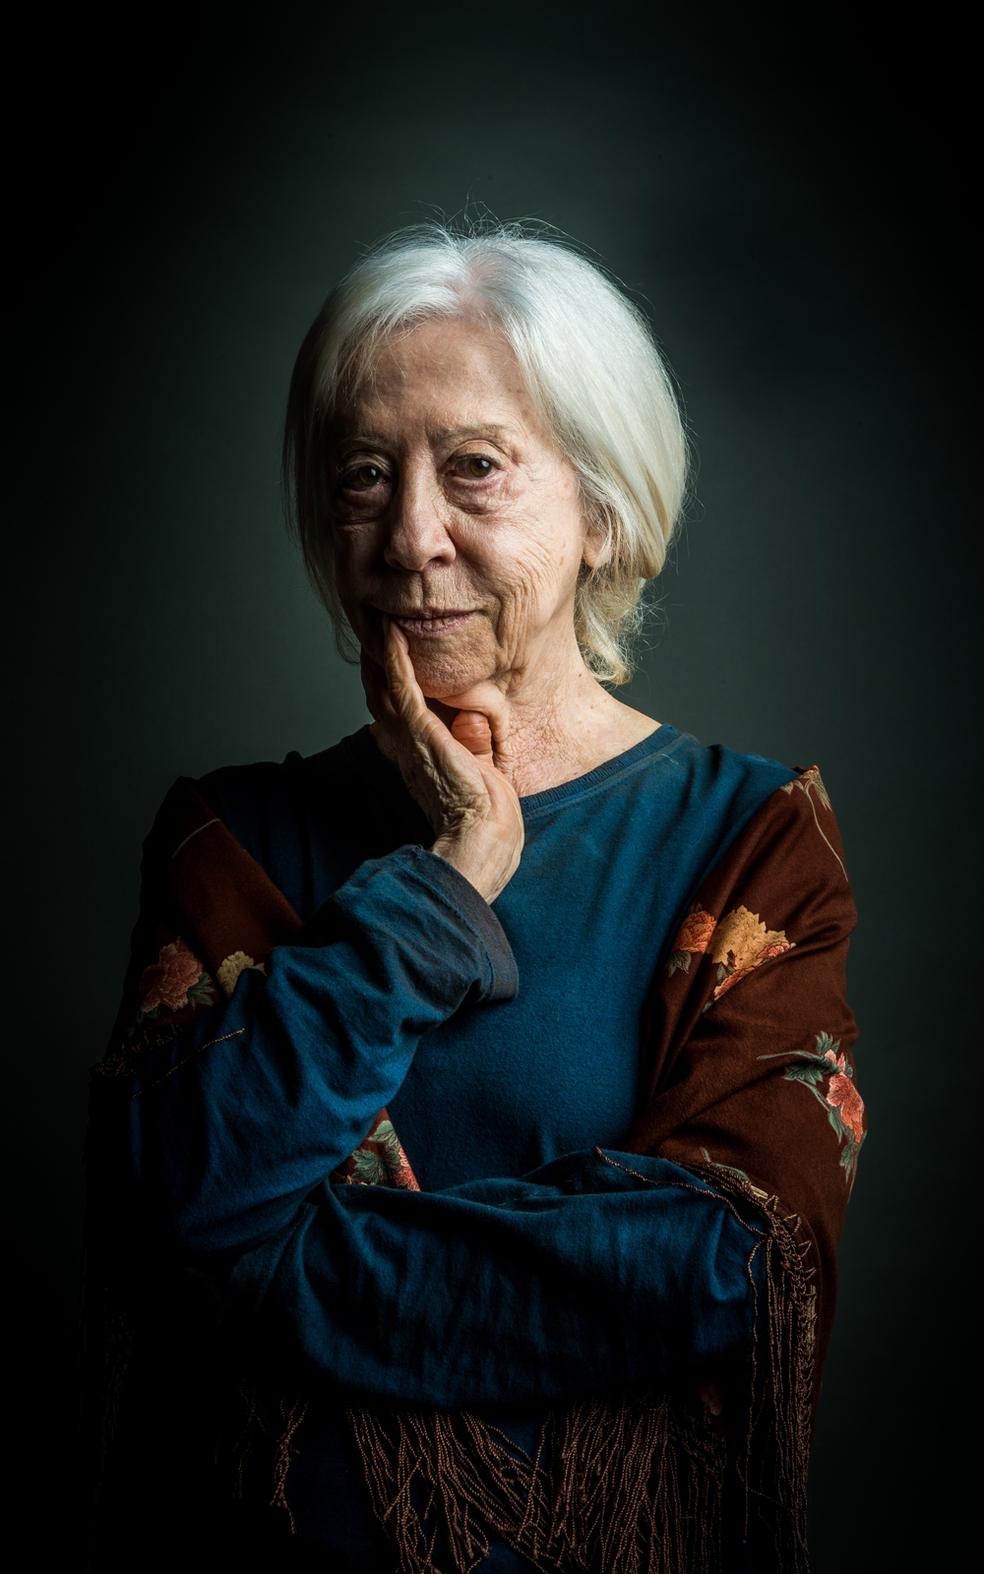 Respeitada por todos, é uma mulher mística, rezadeira, que escuta vozes, e está sempre disposta a ajudar o próximo com seus conselhos (Foto: Raquel Cunha/TV Globo)